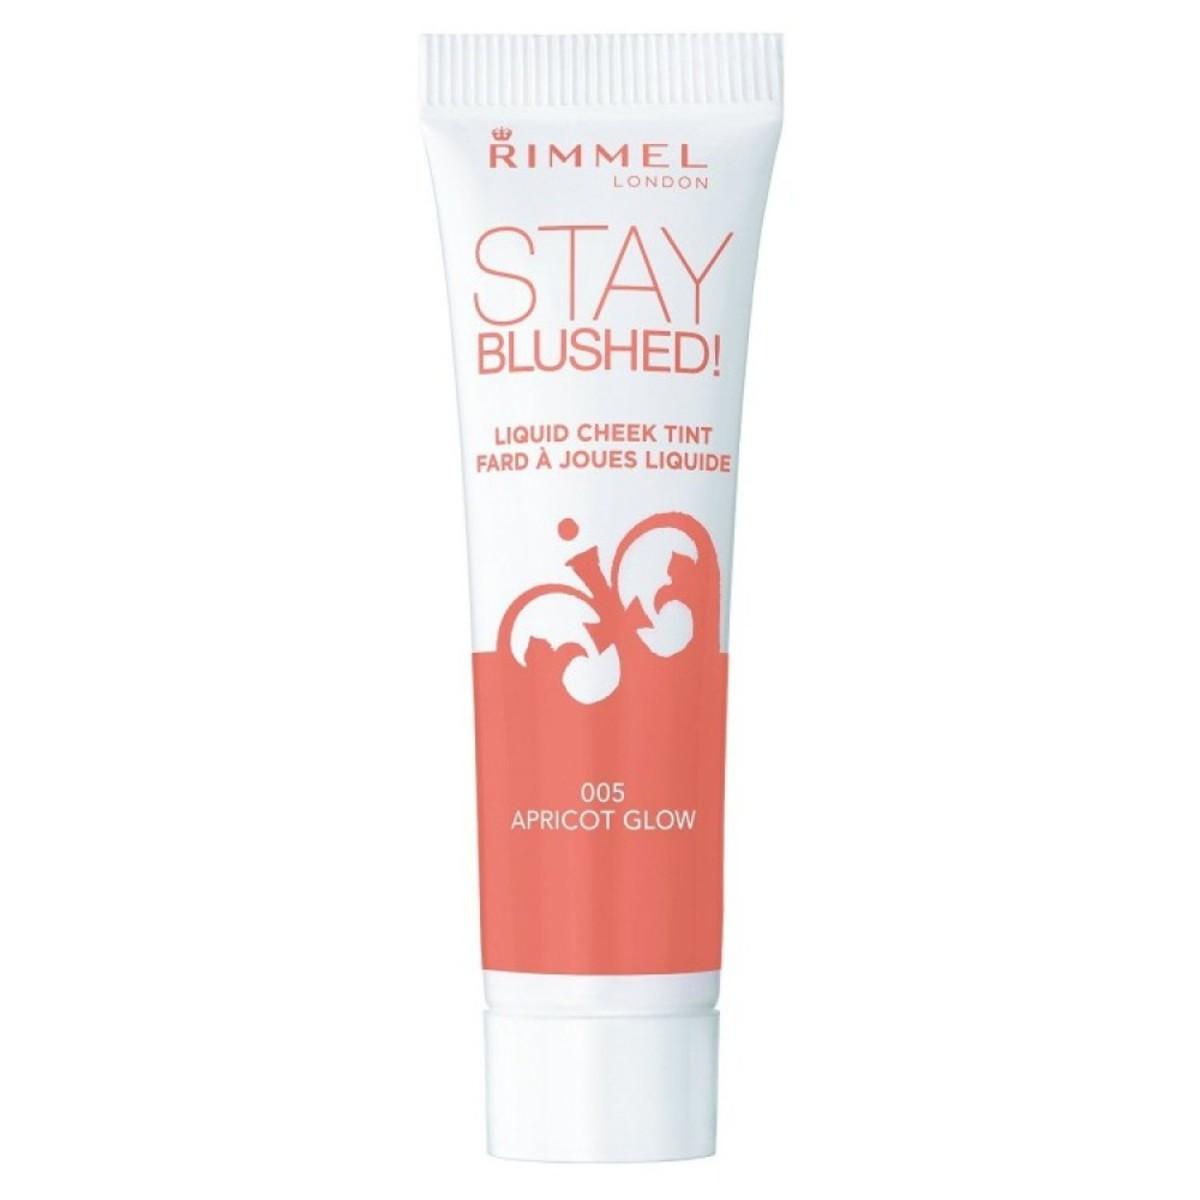 Rimmel Stay Blushed Liquid Cheek Tint in 005 Apricot Glow